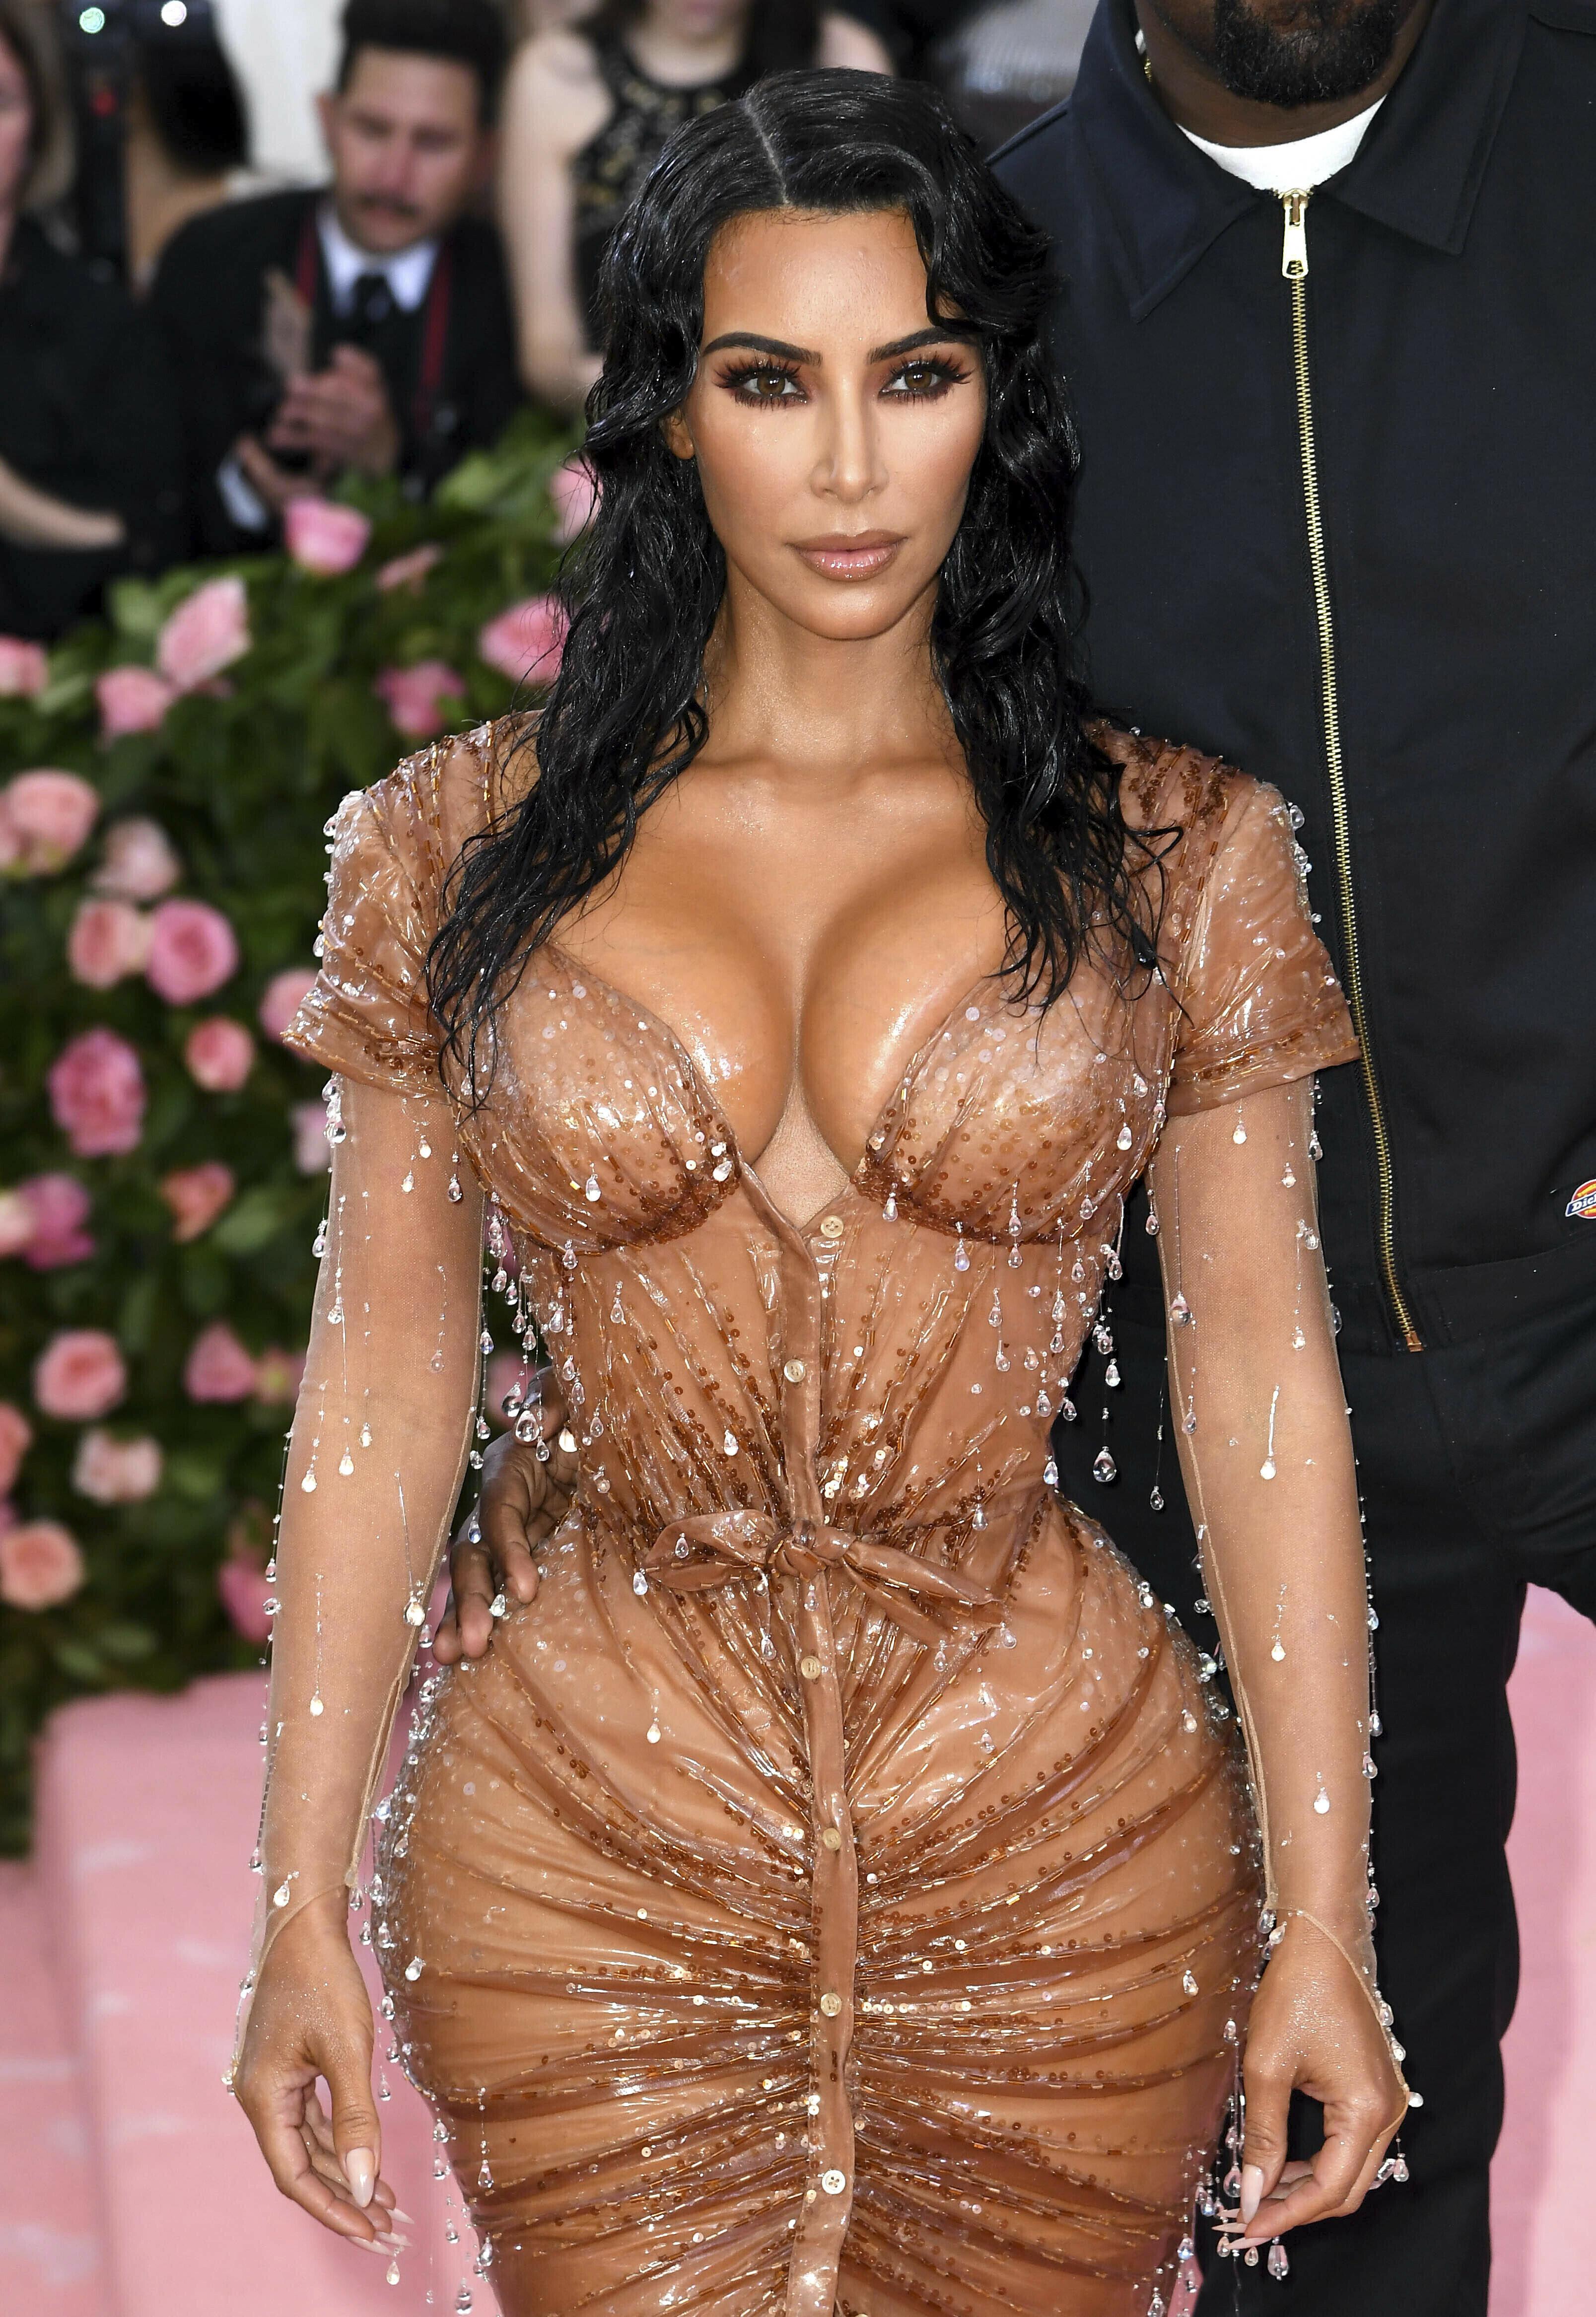 La taille «irréalistement mince» de Kim Kardashian pointée du